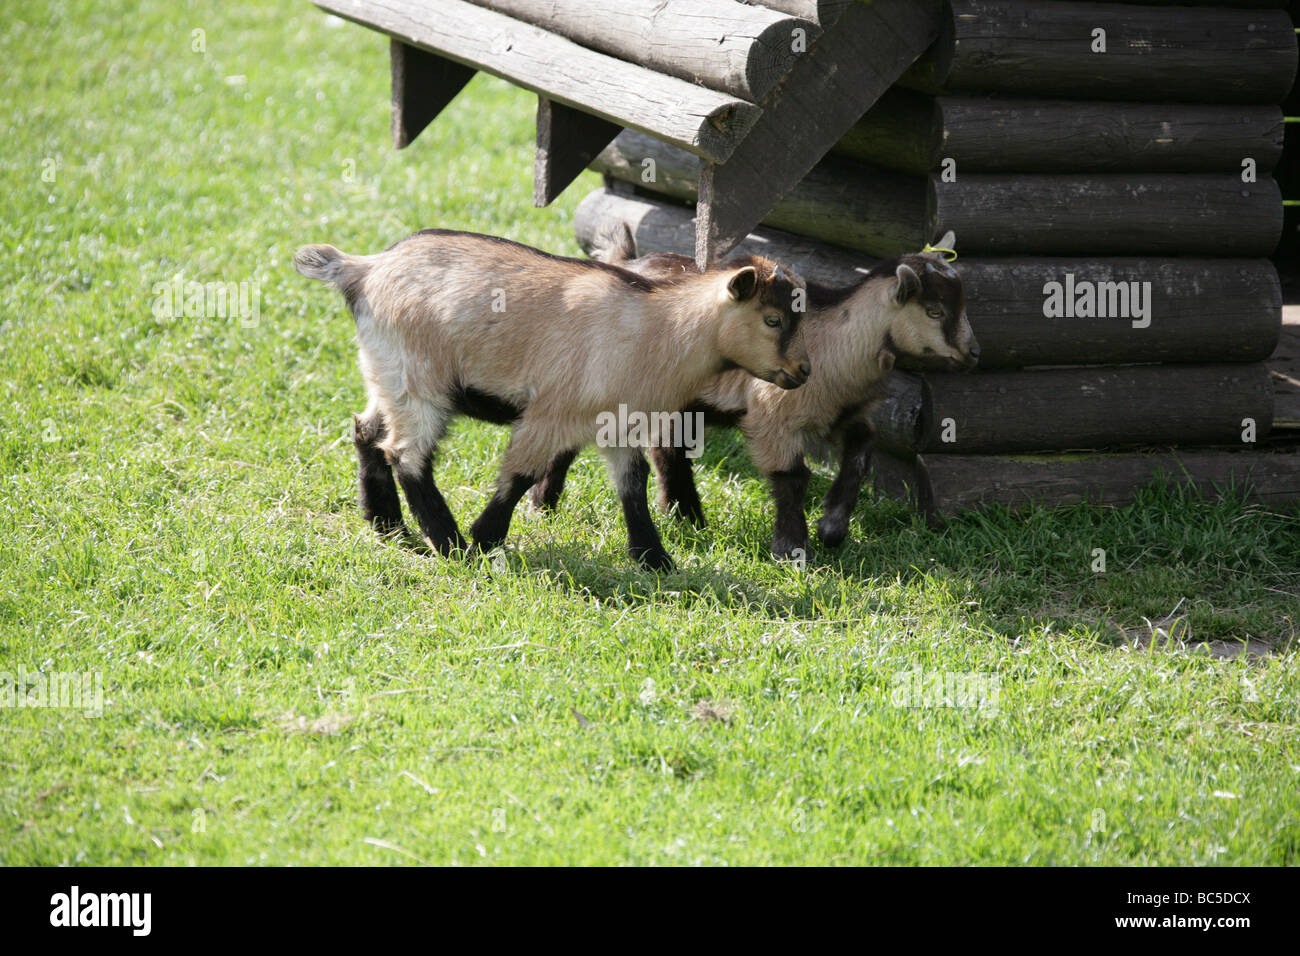 Two Young Domesticated Goat Kids, Capra aegagrus hircus, Bovidae - Stock Image